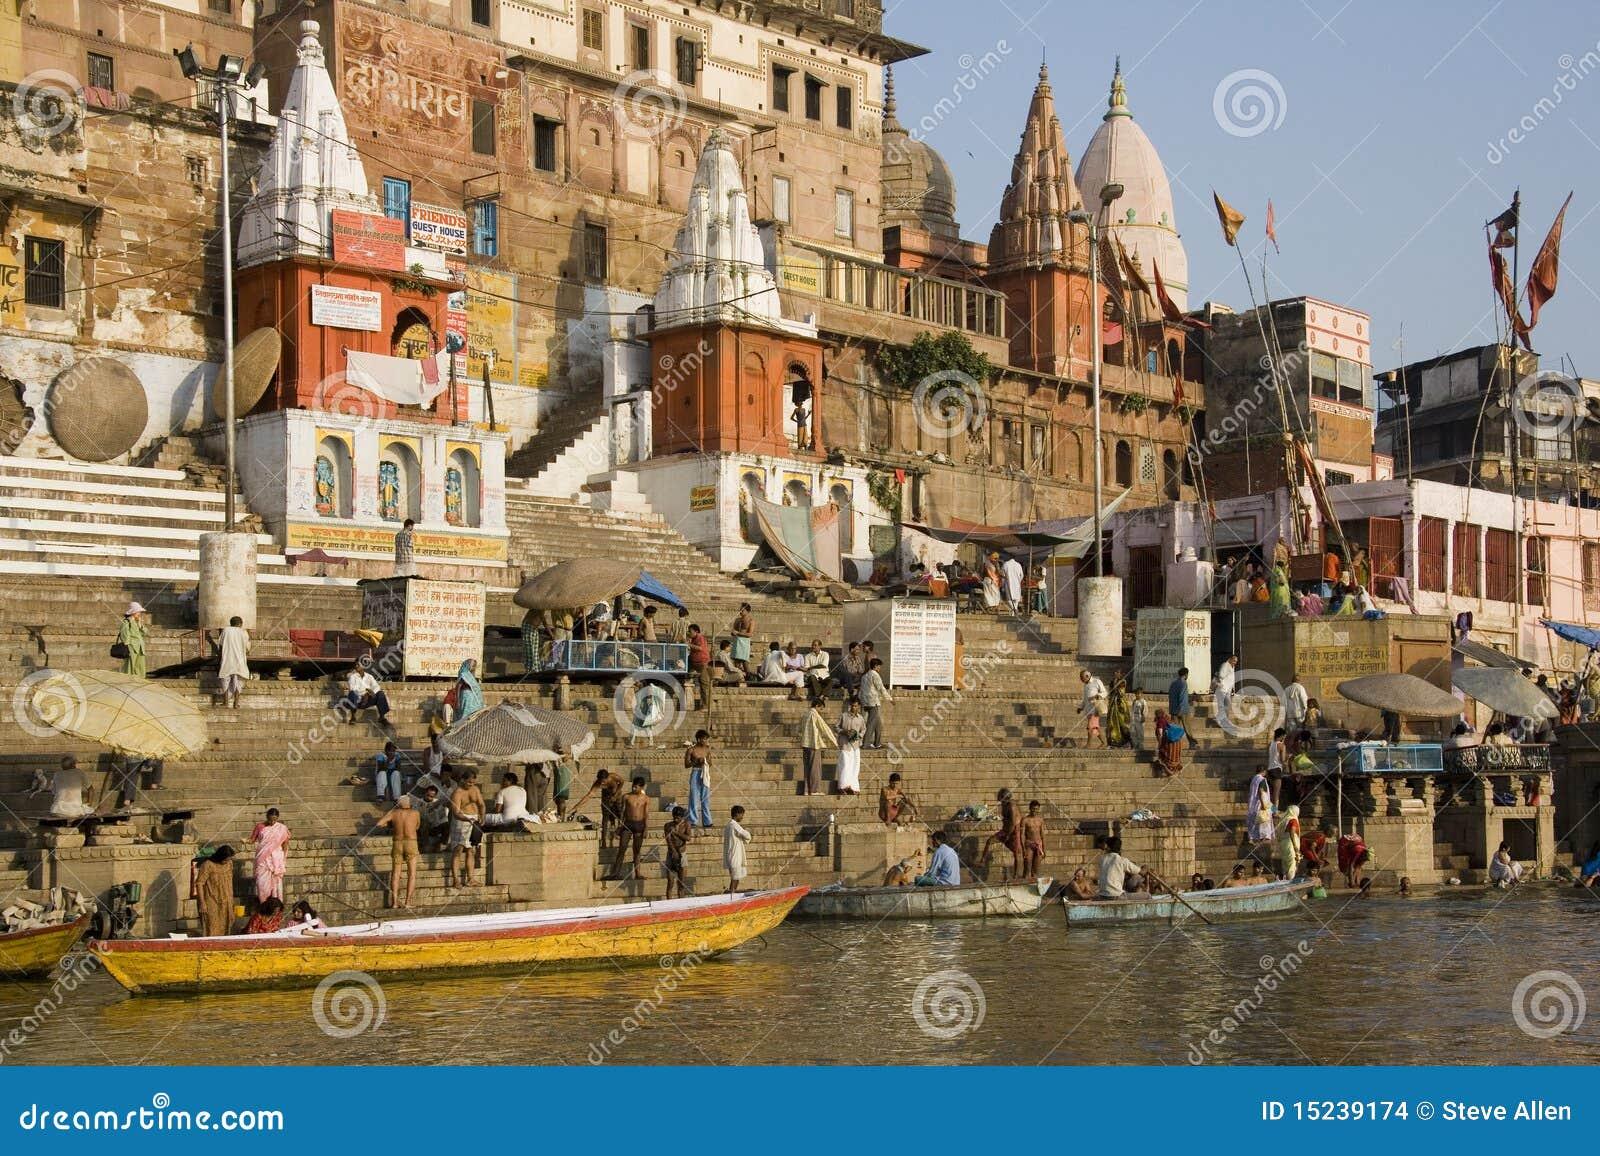 Hindu Ghats - Varanasi in India